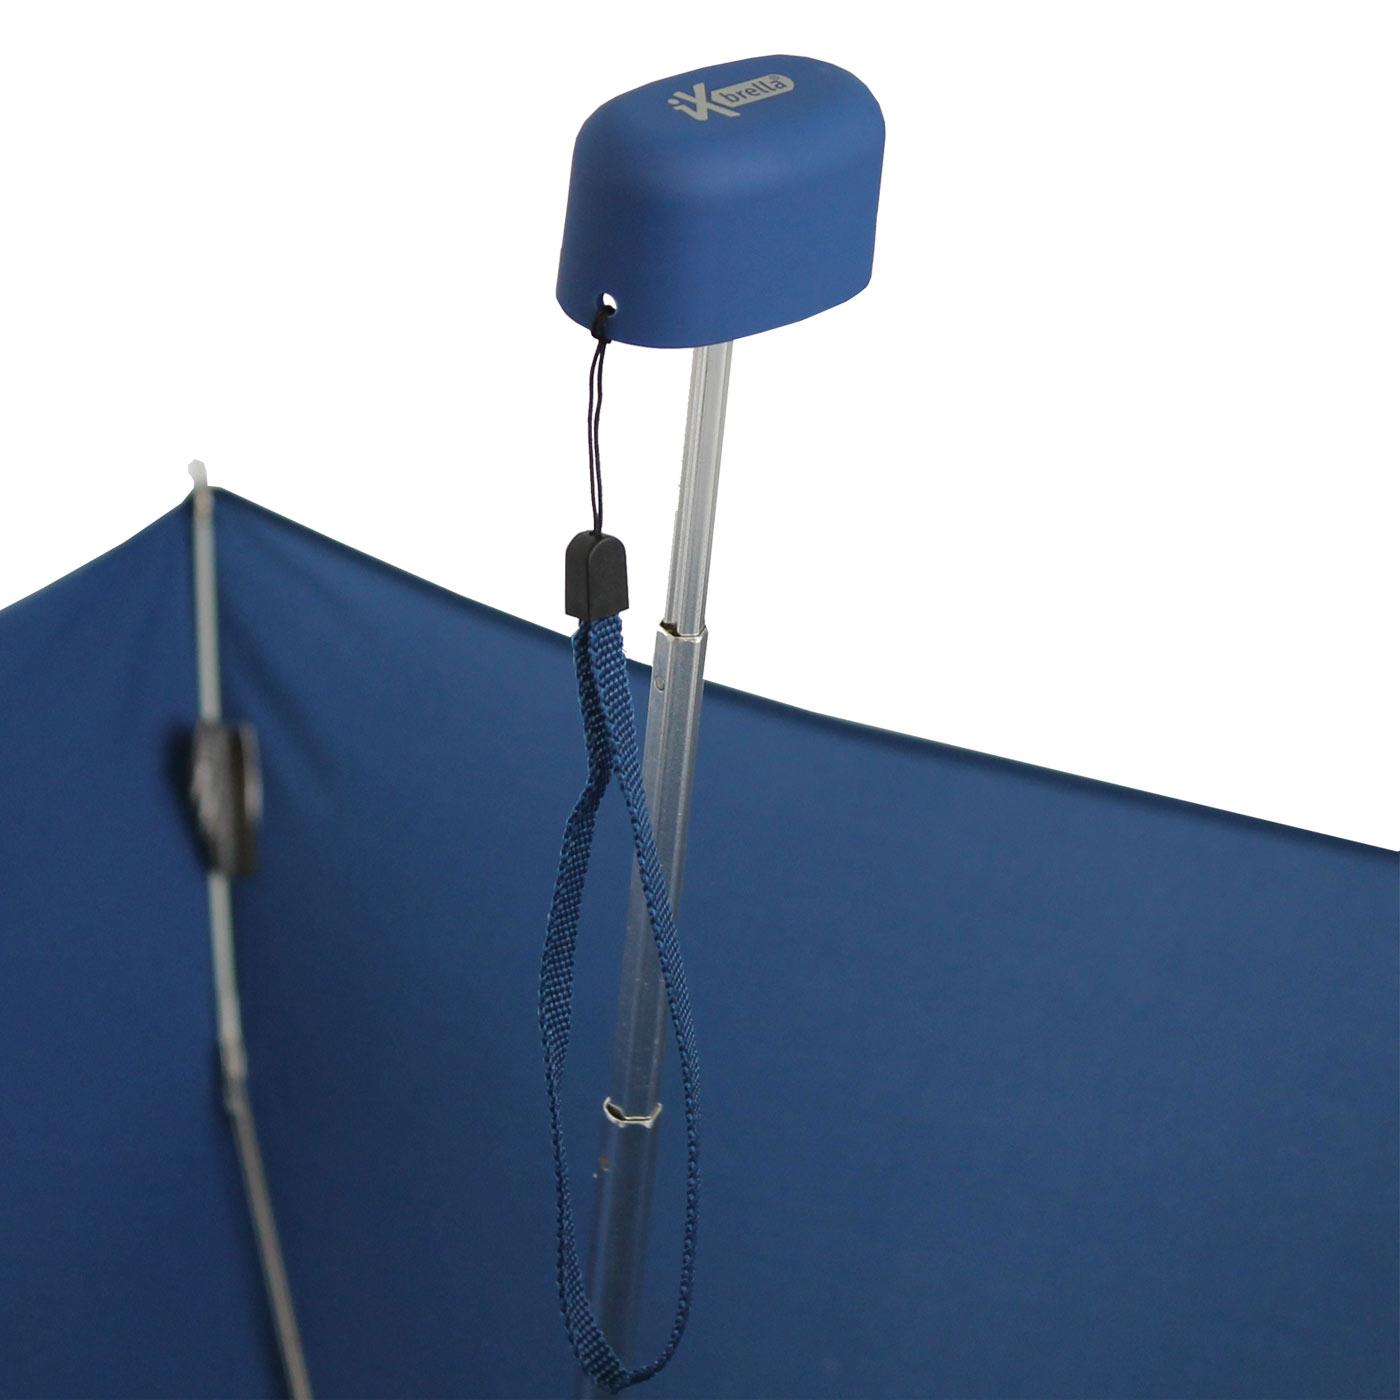 Regenschirm-Super-Mini-Taschenschirm-Damen-Herren-winzig-klein-leicht-im-Etui Indexbild 20